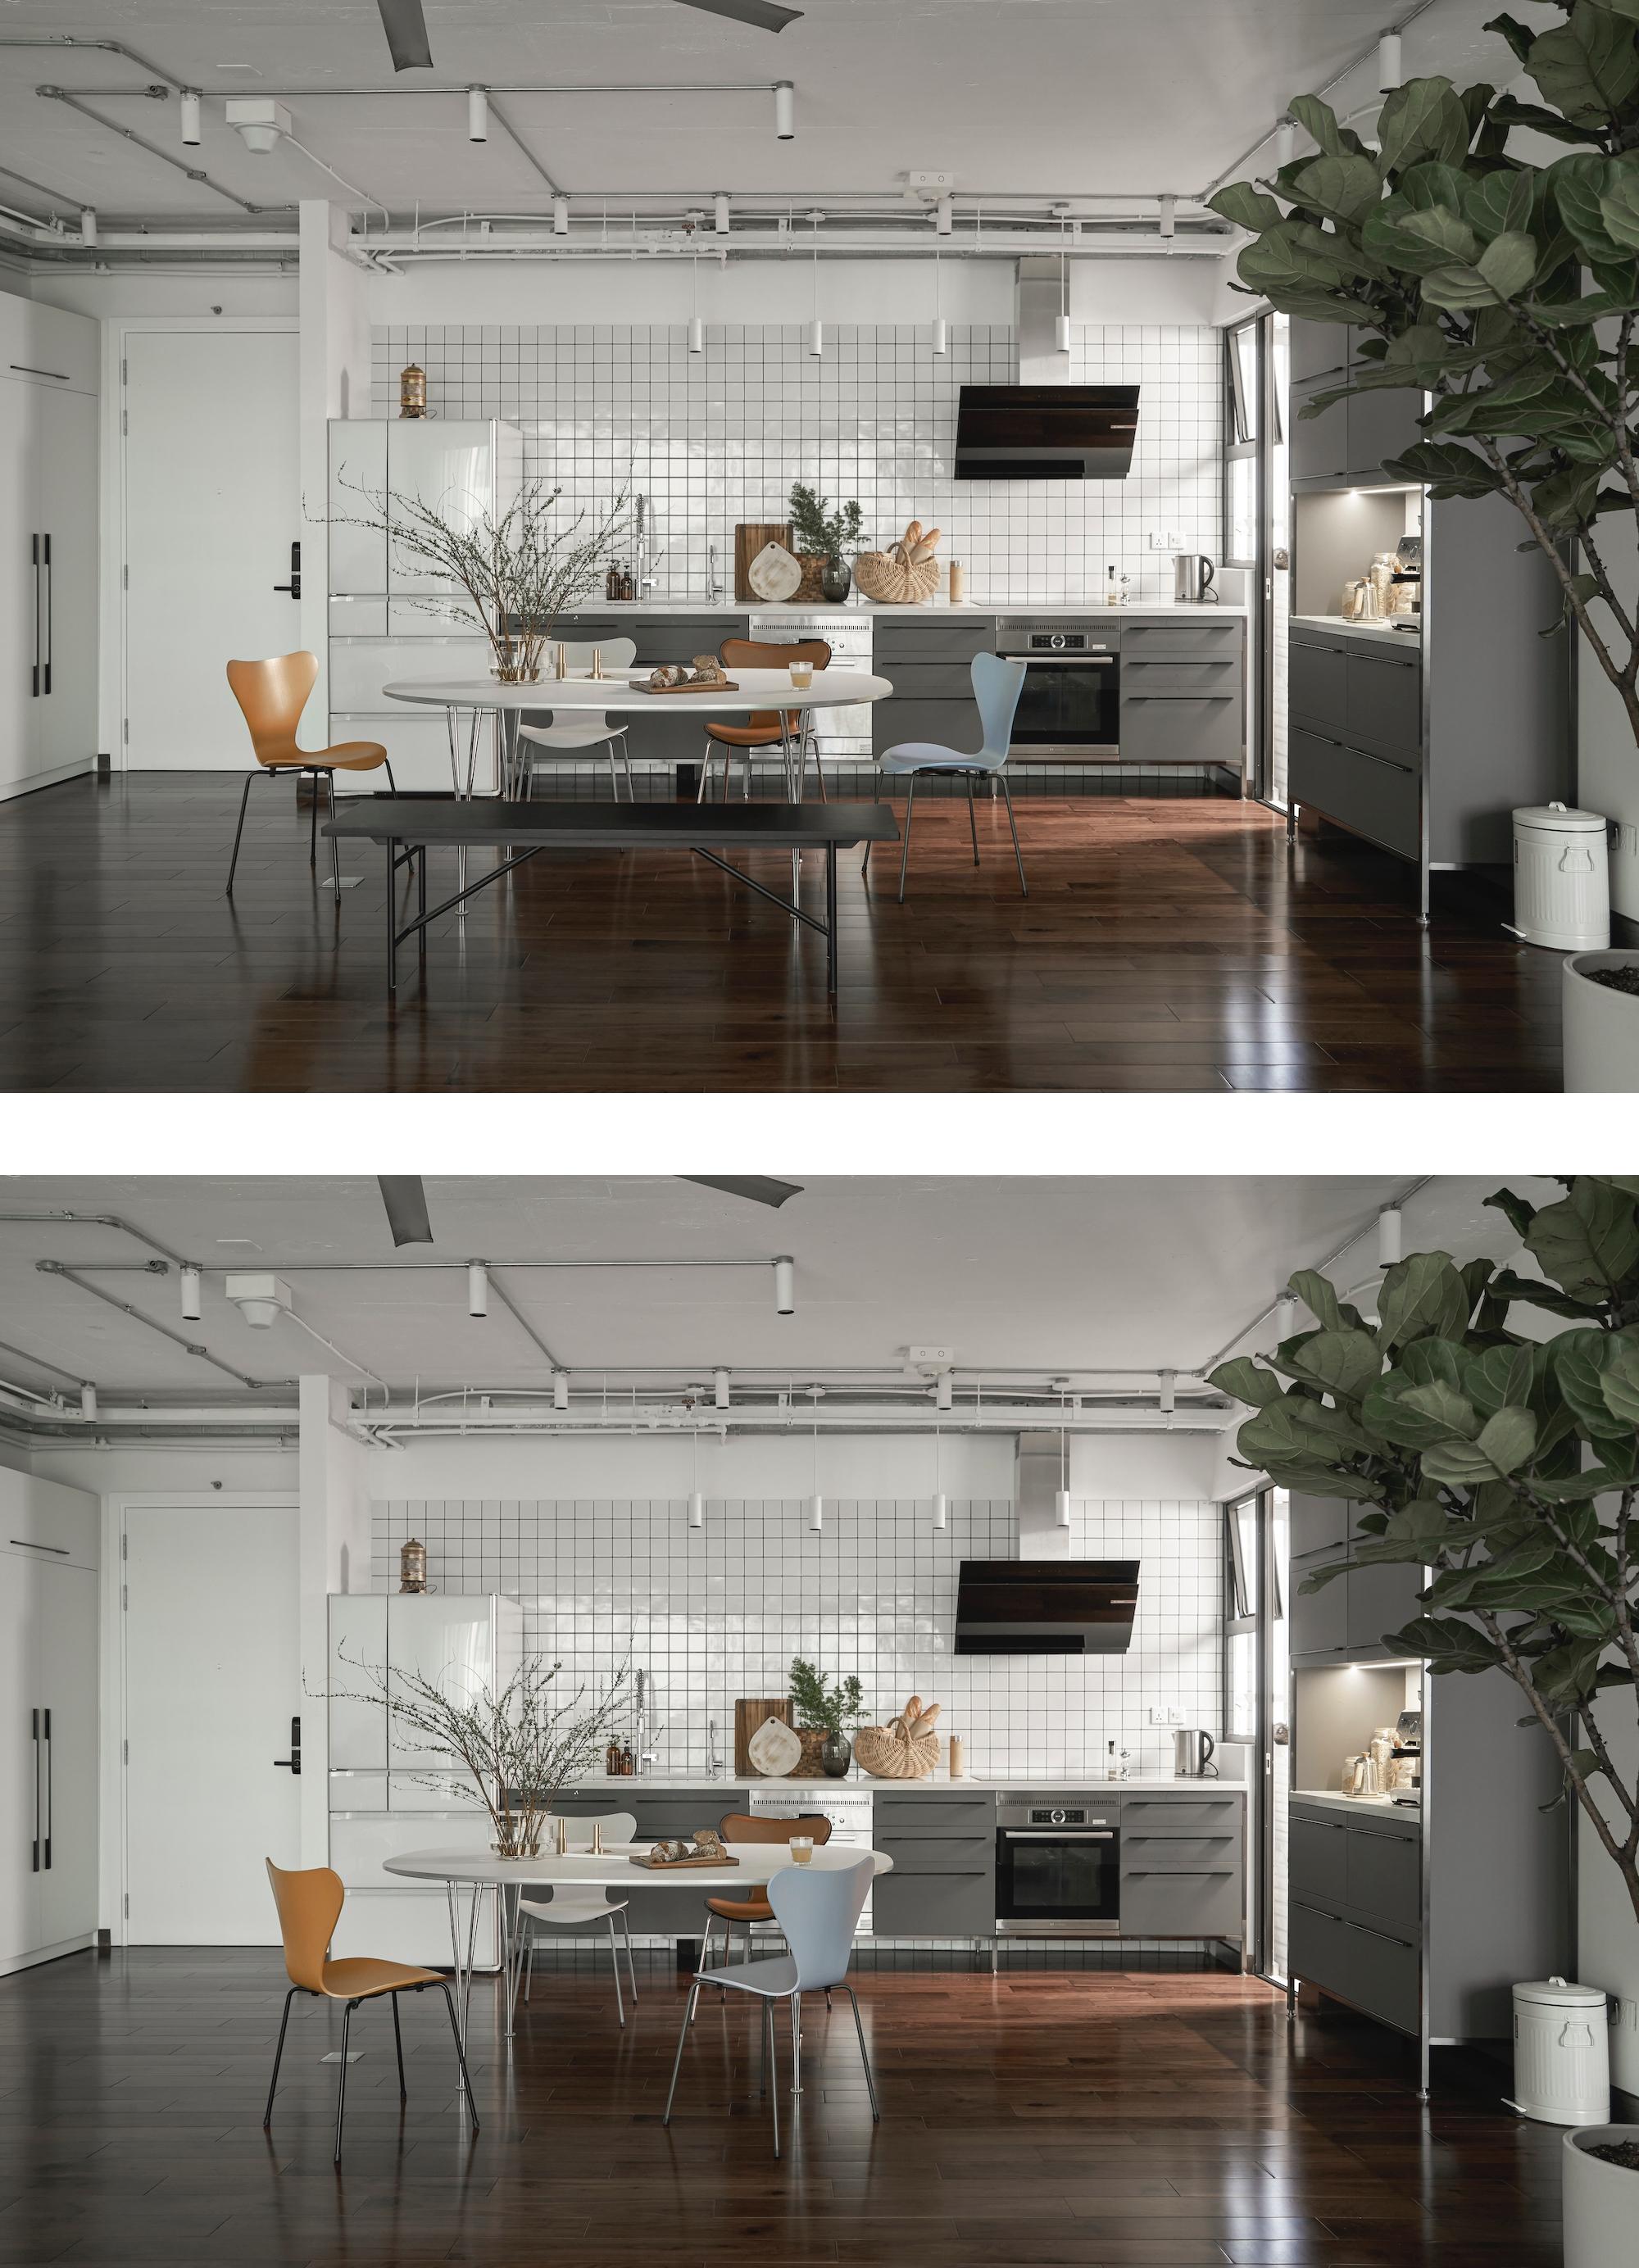 Tủ bếp đã đủ chỗ chứa nên không cần làm tủ treo phía trên. Nội thất rời giúp chủ nhà dễ dàng di chuyển, thay đổi khi có nhu cầu. Ảnh: Đỗ Sỹ.